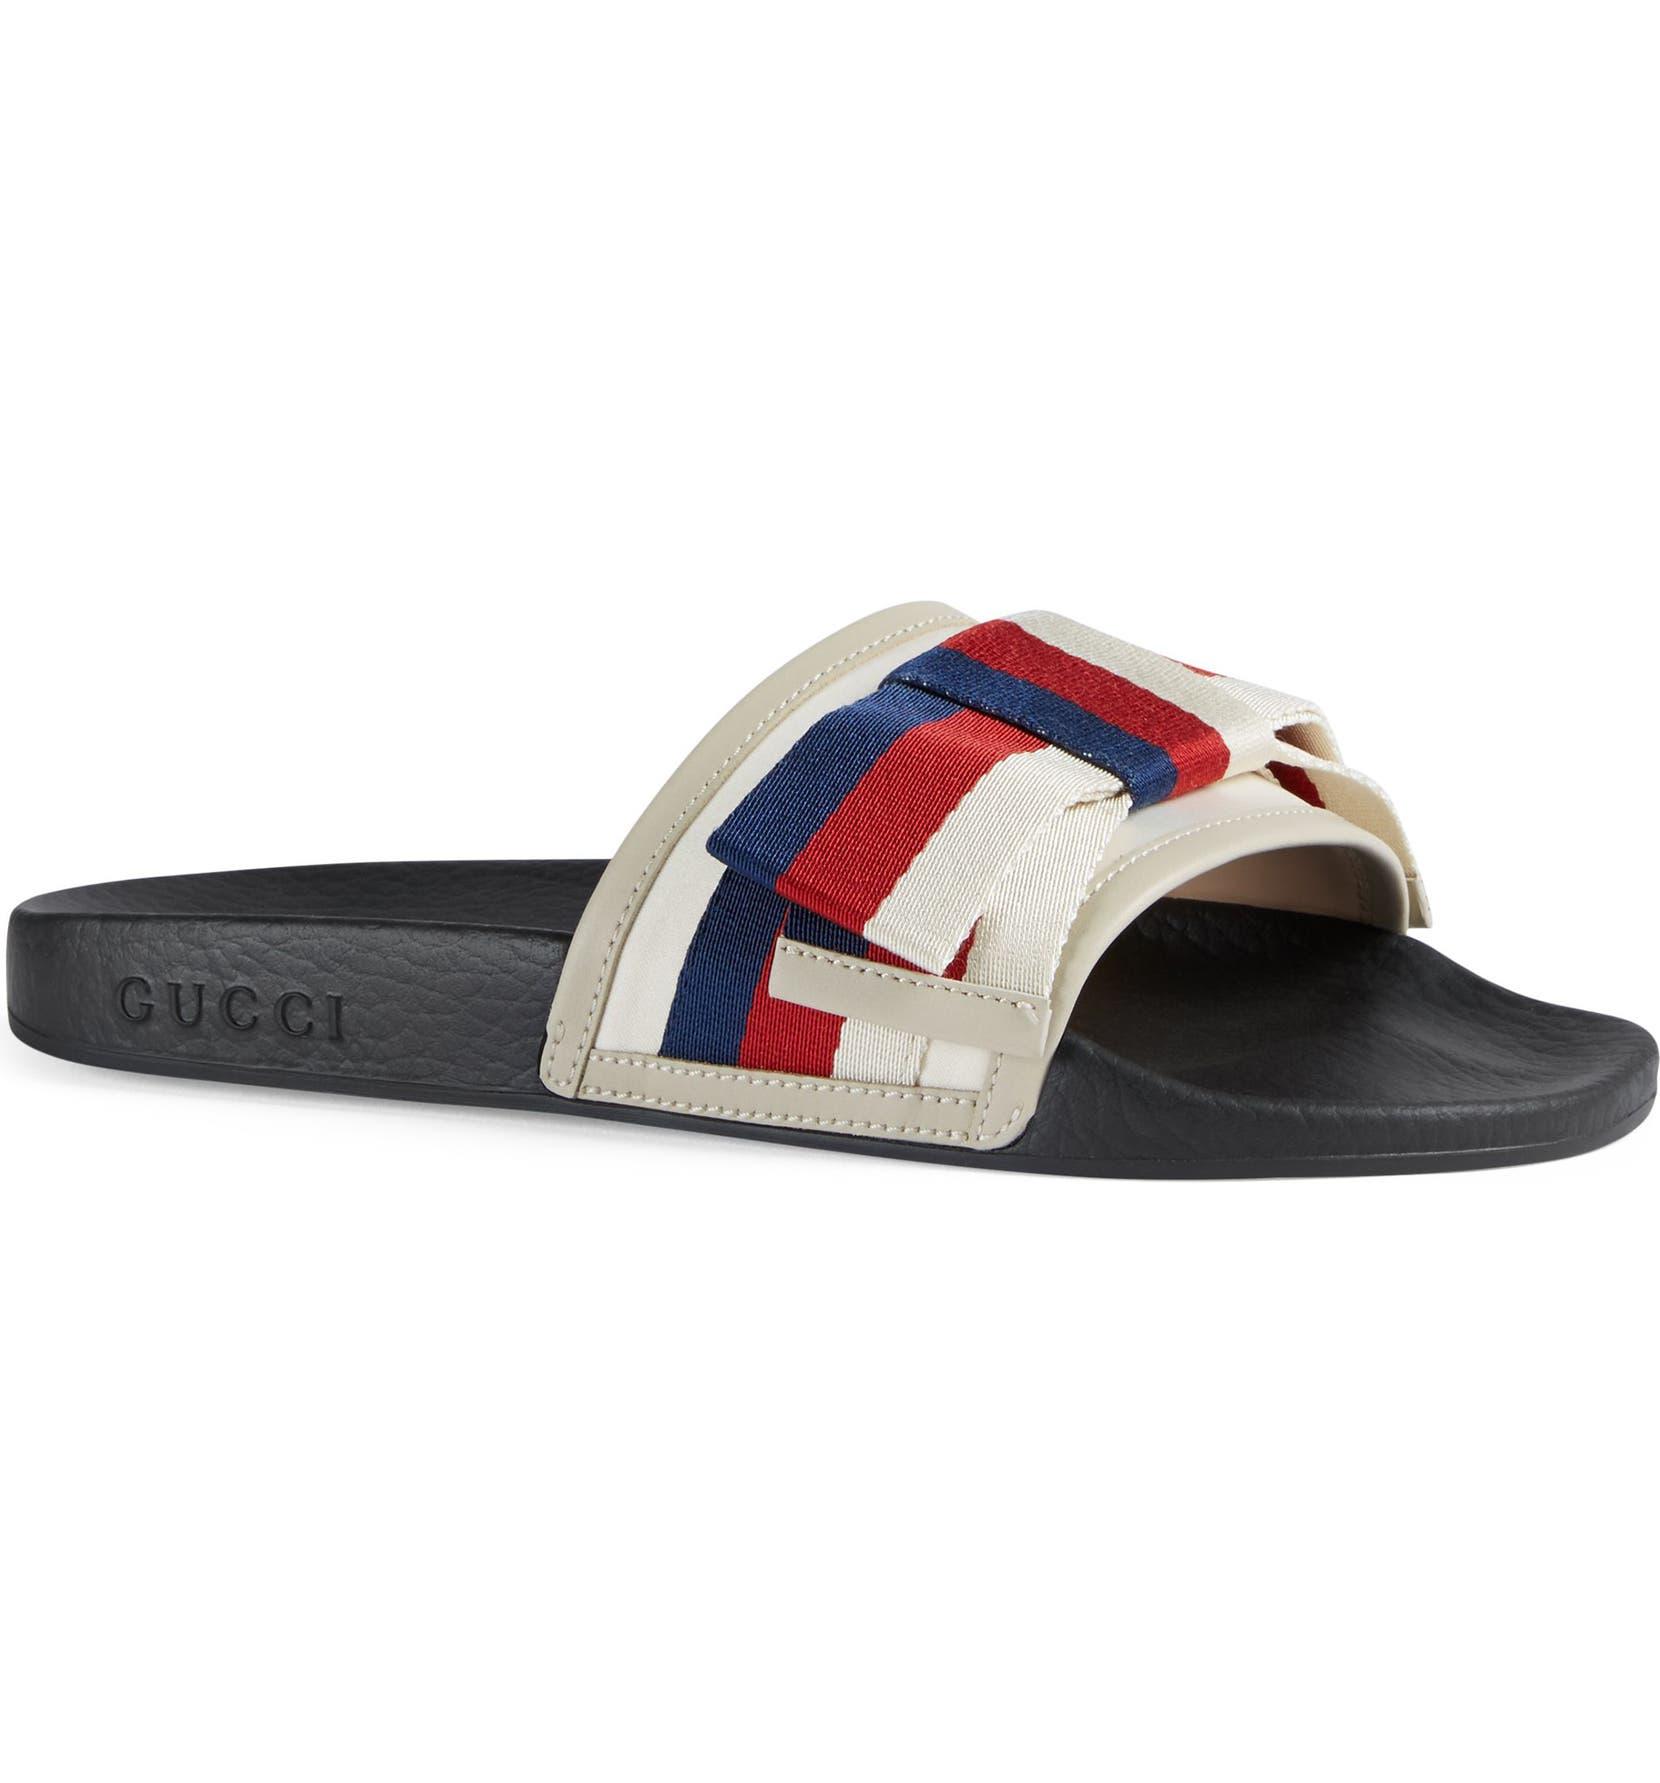 d196e8b02b4 Gucci Pursuit Bow Slide Sandal (Women)